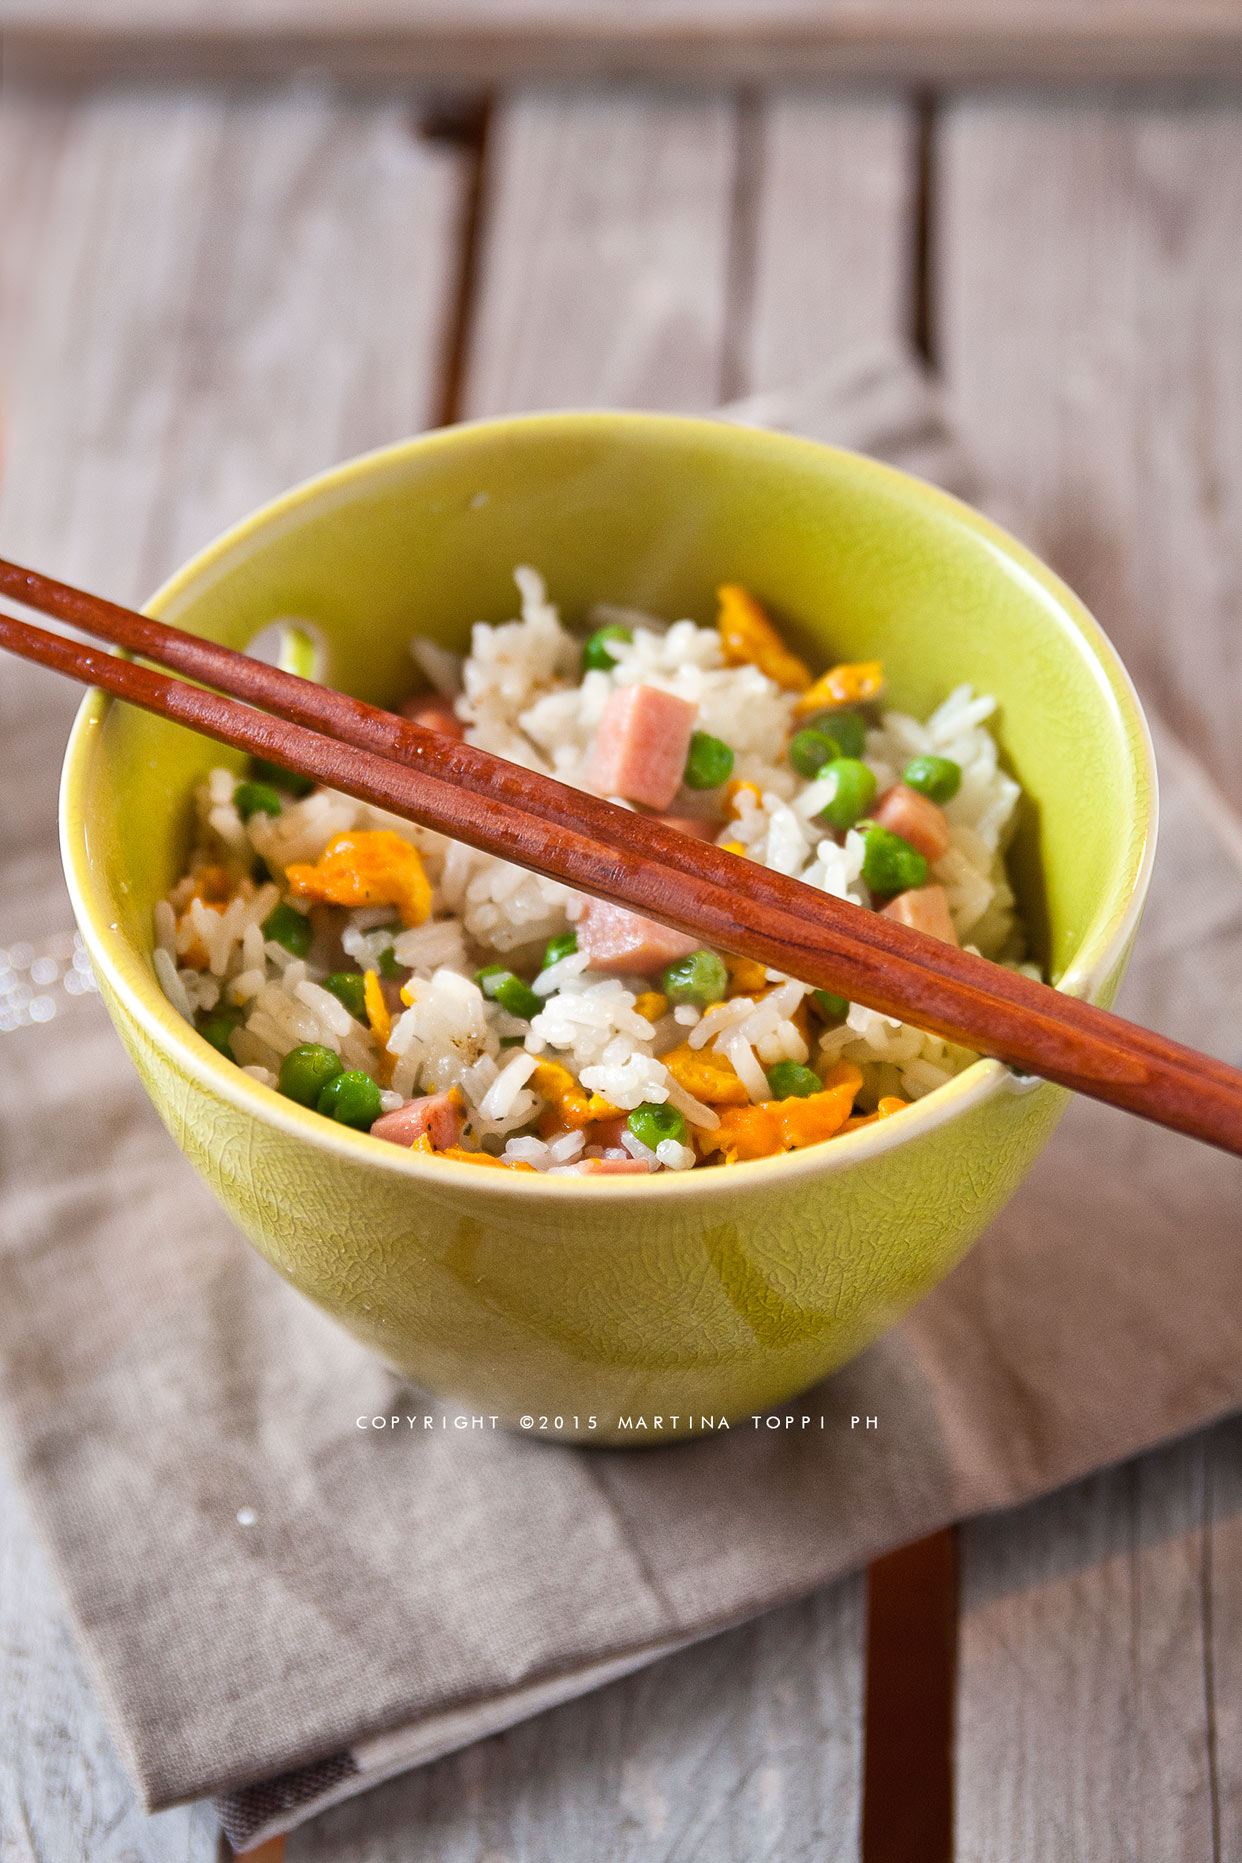 Riso alla cantonese ricetta orientale trattoria da martina for Ricette cinesi riso